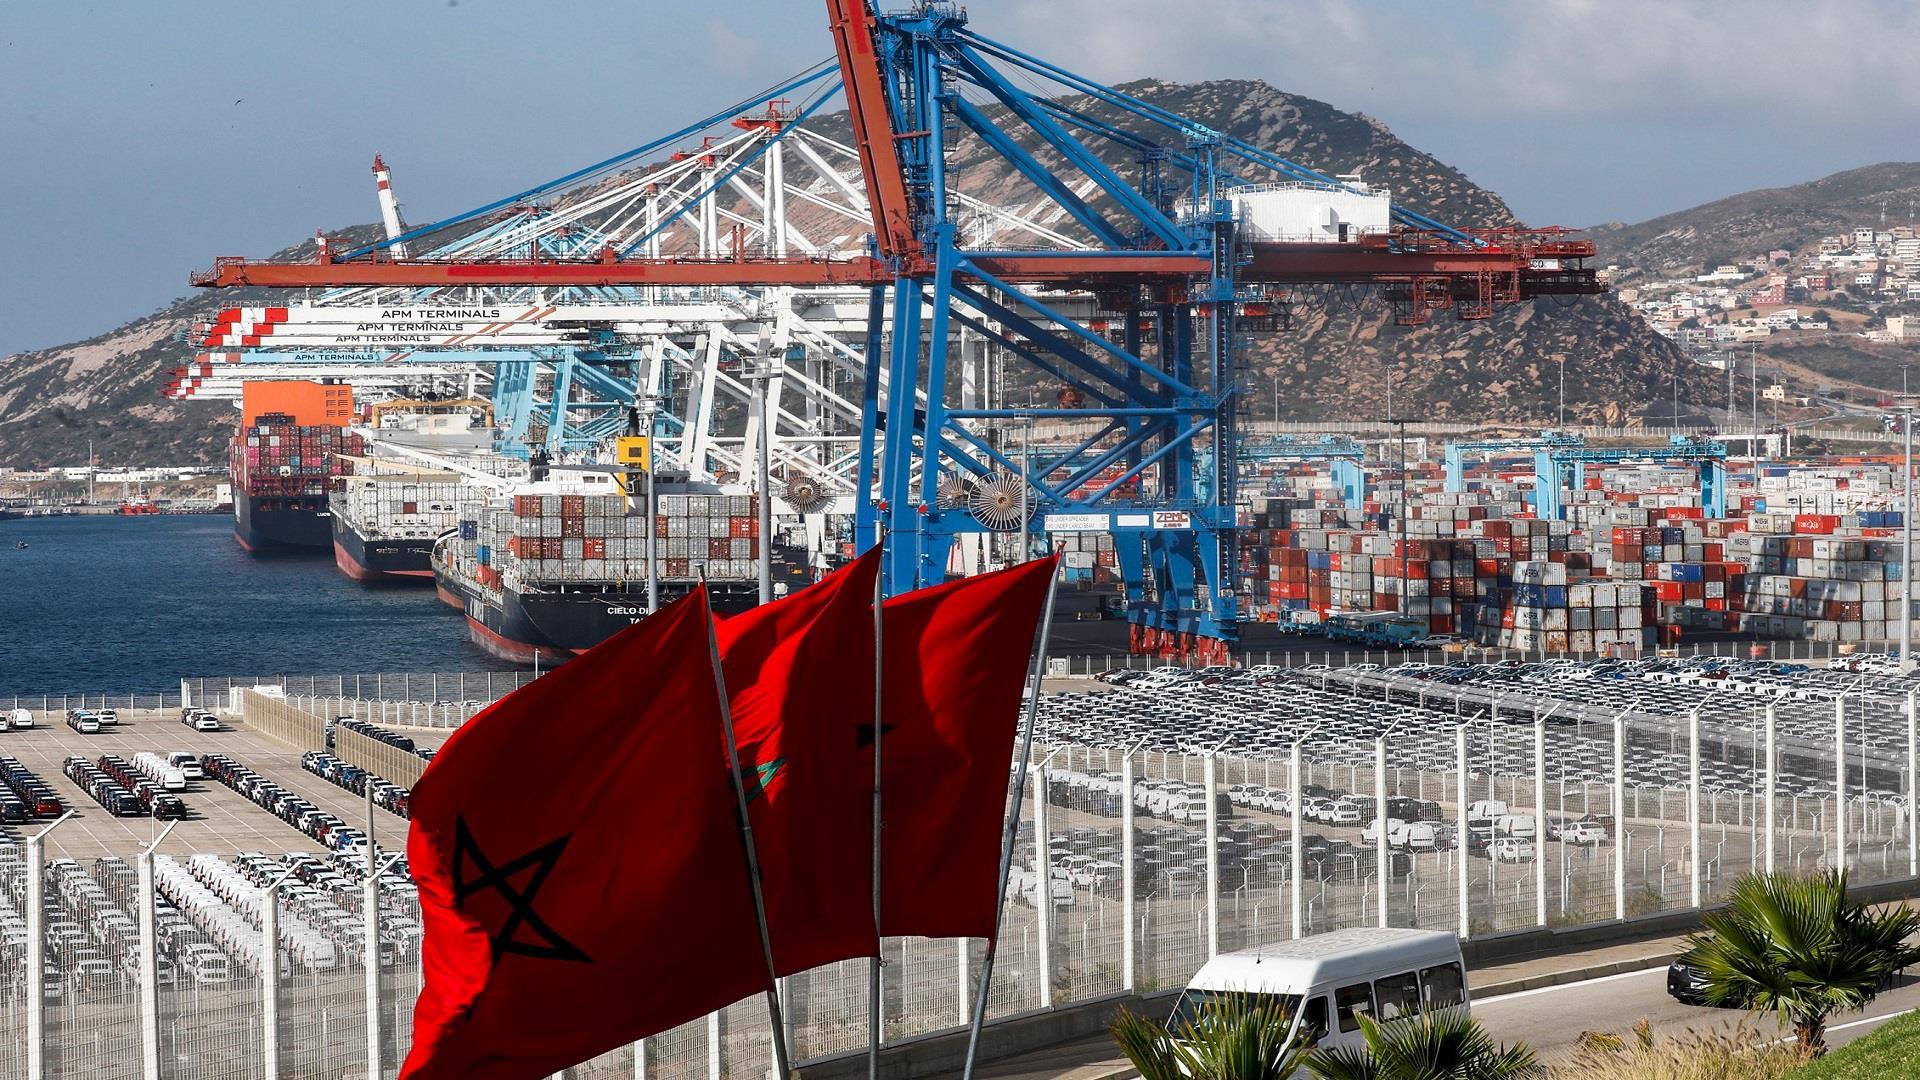 إشادة جديدة من صندوق النقد الدولي بشأن أداء الاقتصاد المغربي خلال الجائحة